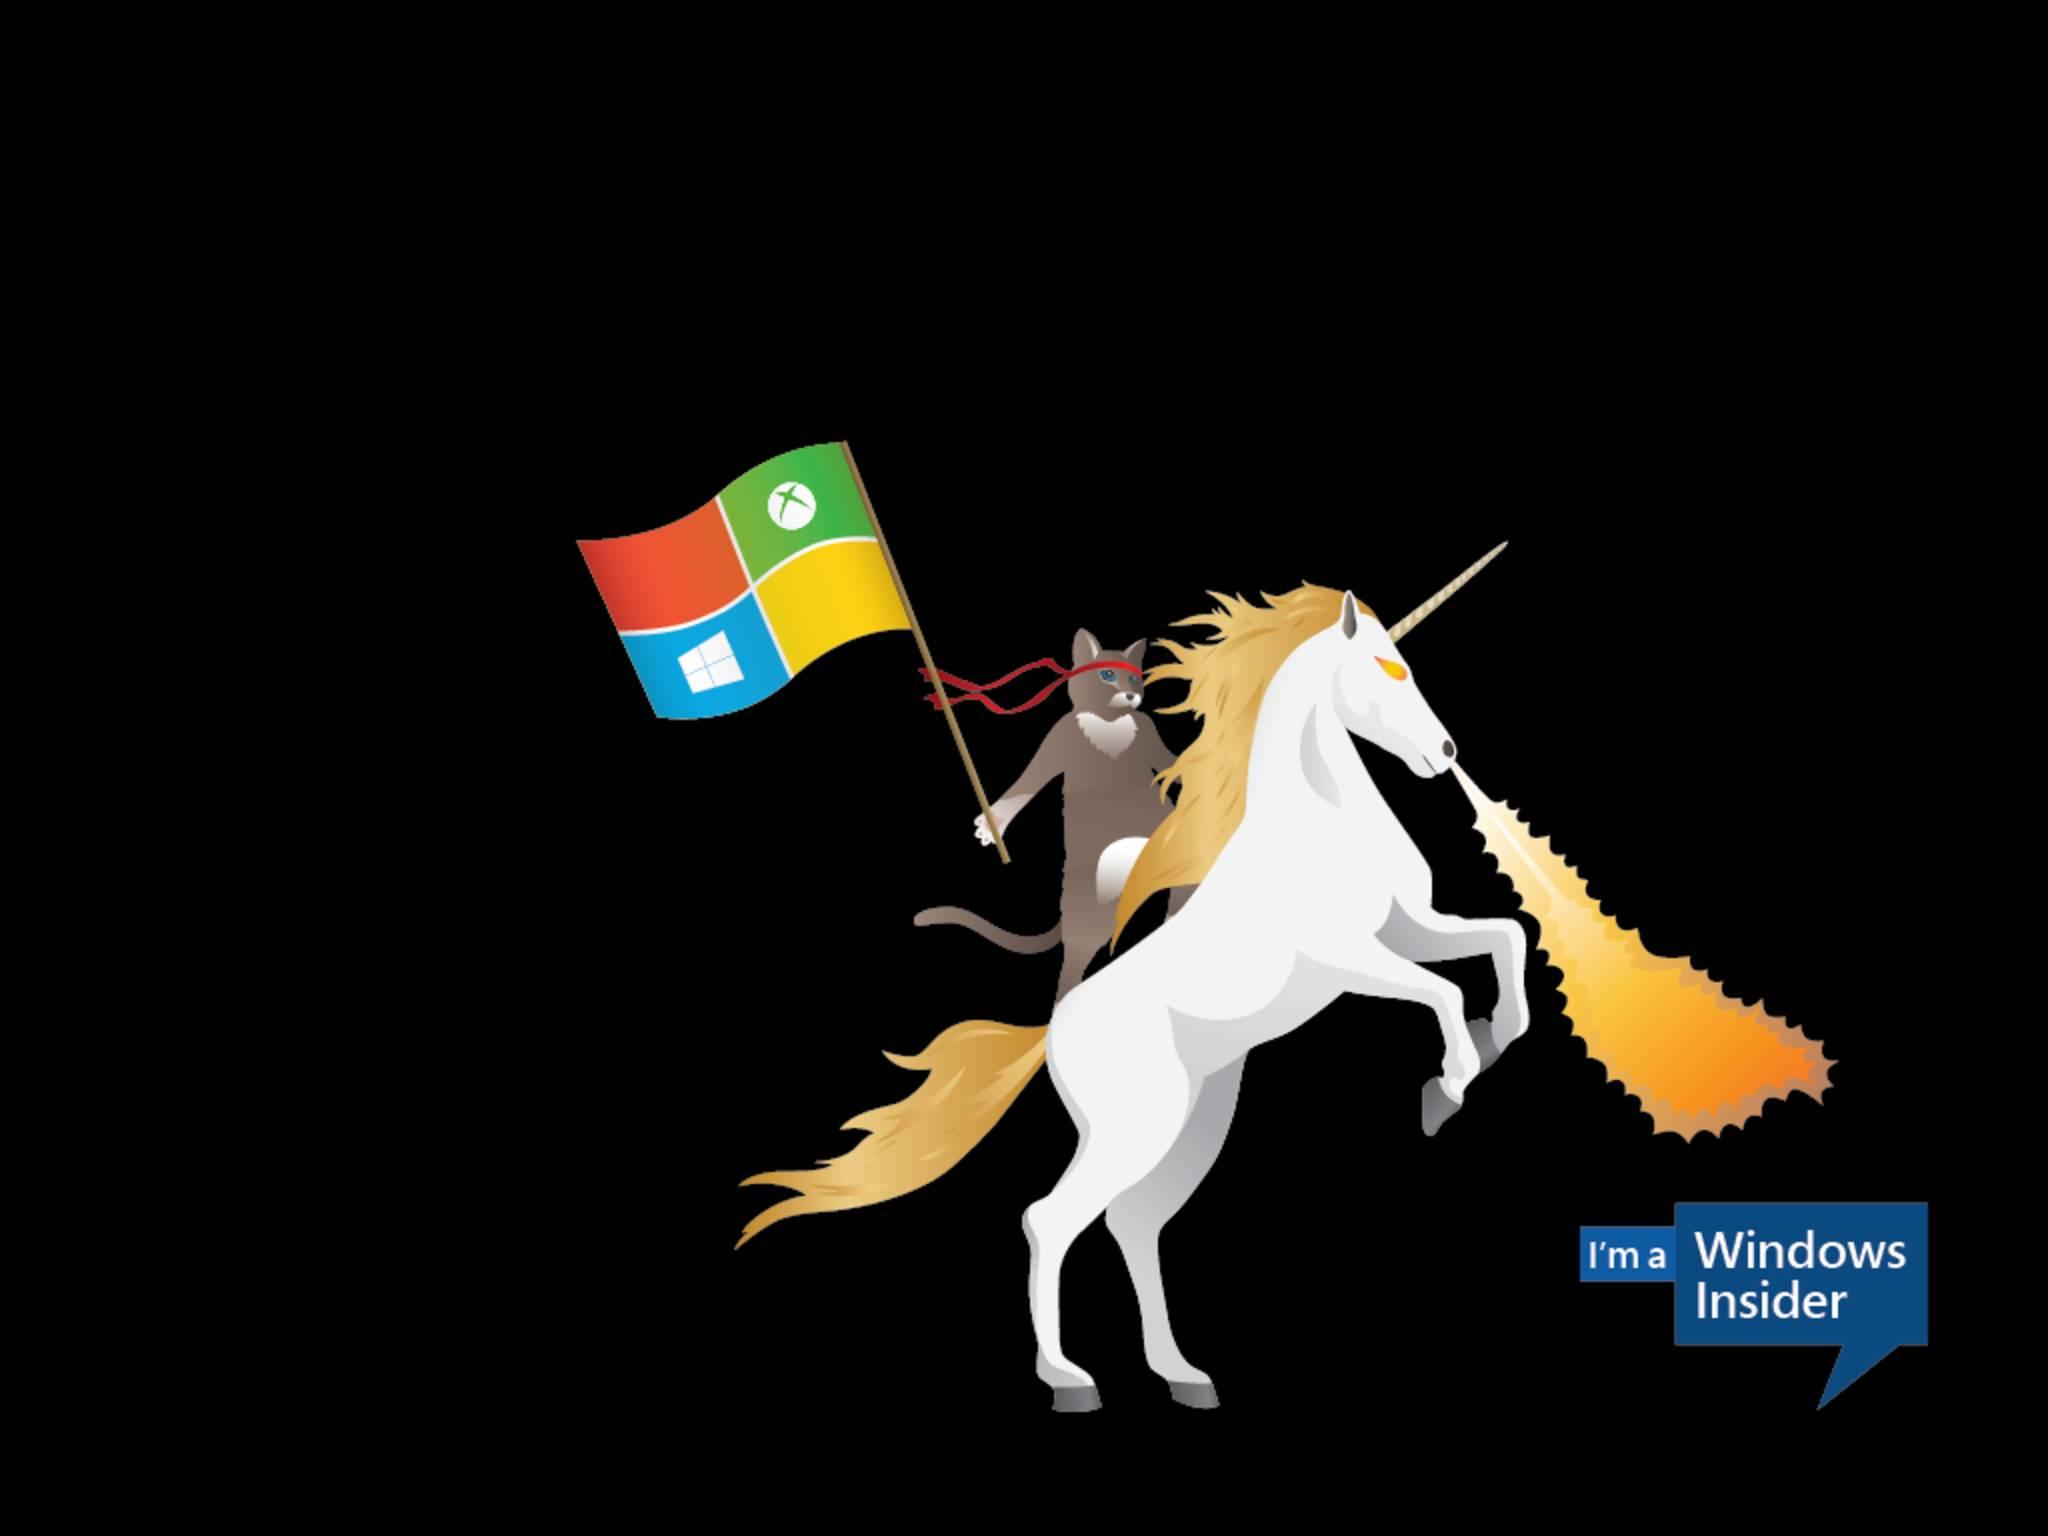 Windows 10 findet sich schon auf 14 Millionen Rechnern.